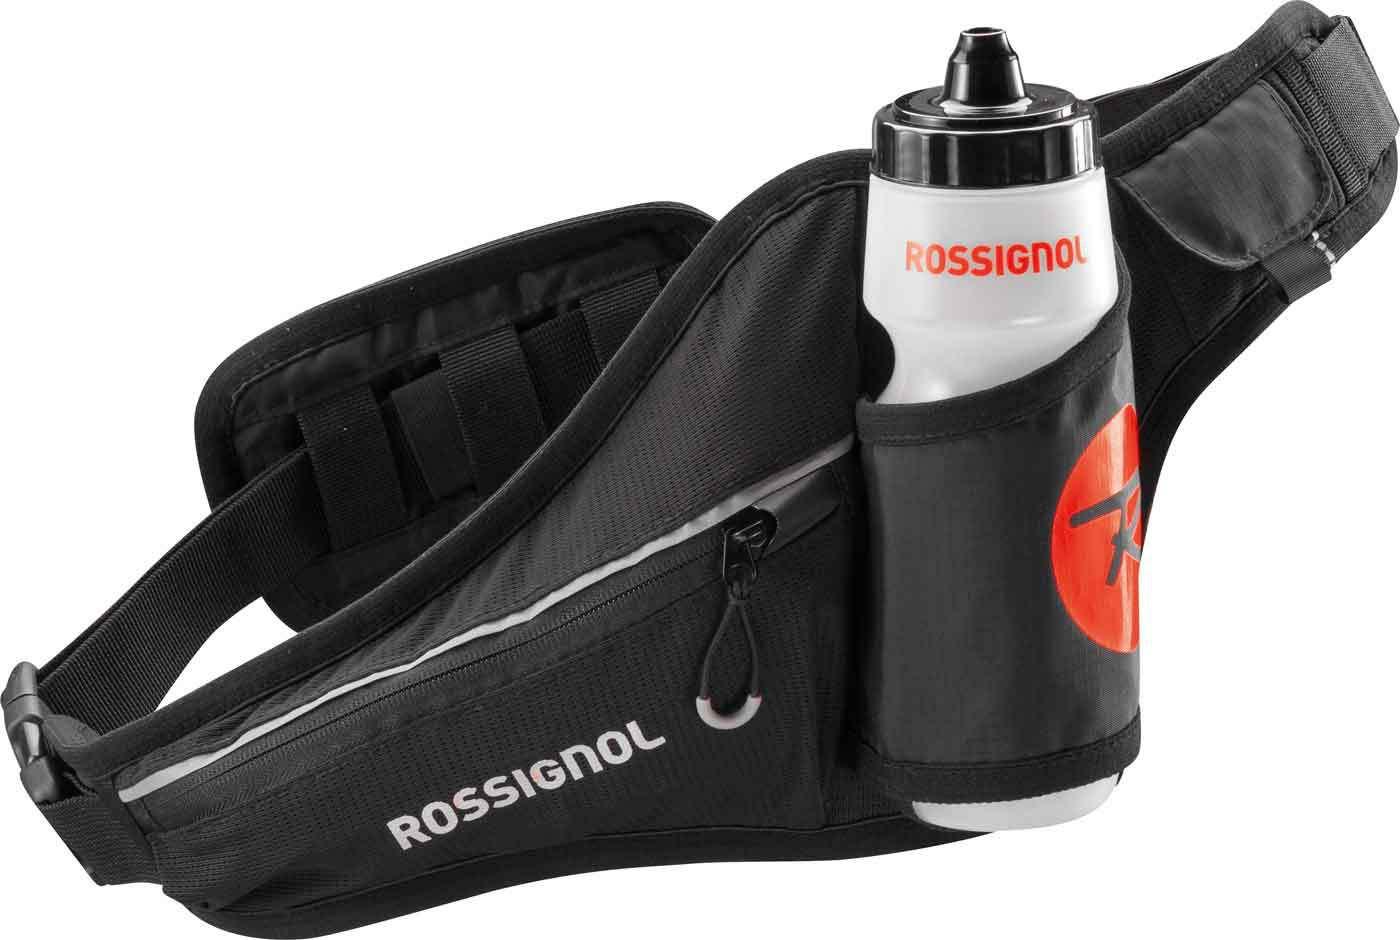 Rossignol Bottle Holder Pro